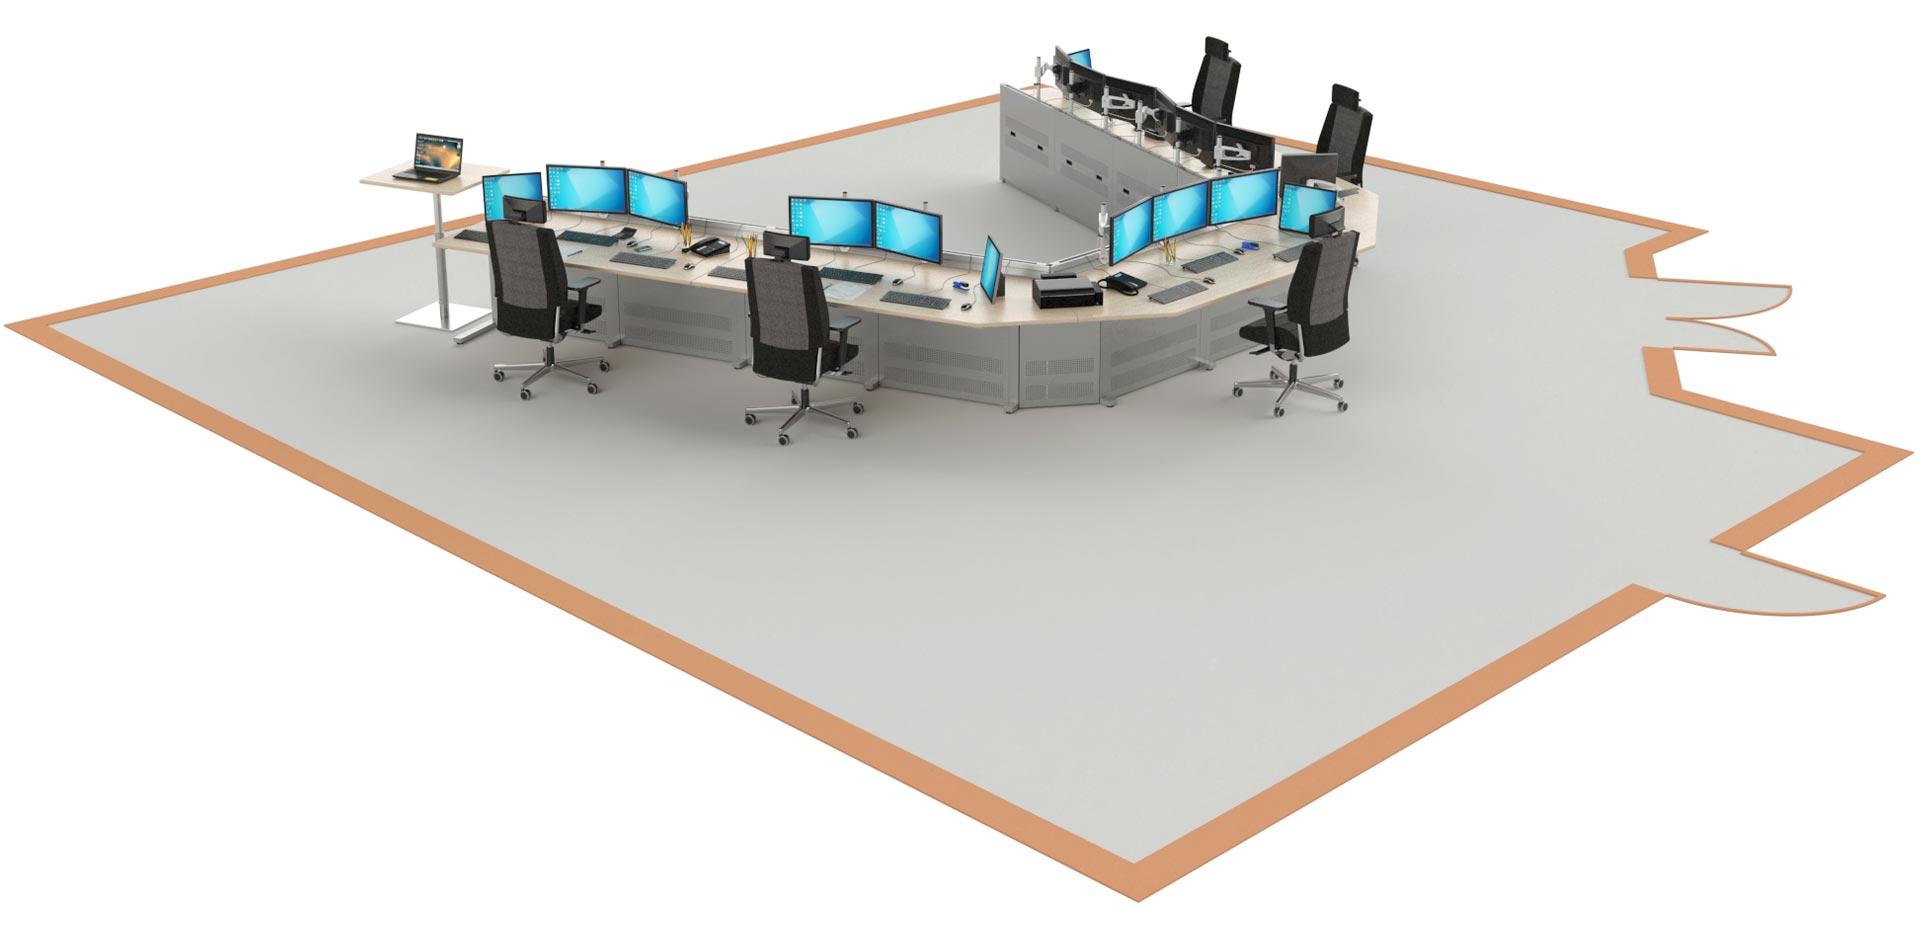 Salle de supervision aménagé avec notre mobilier pour salle de contrôle